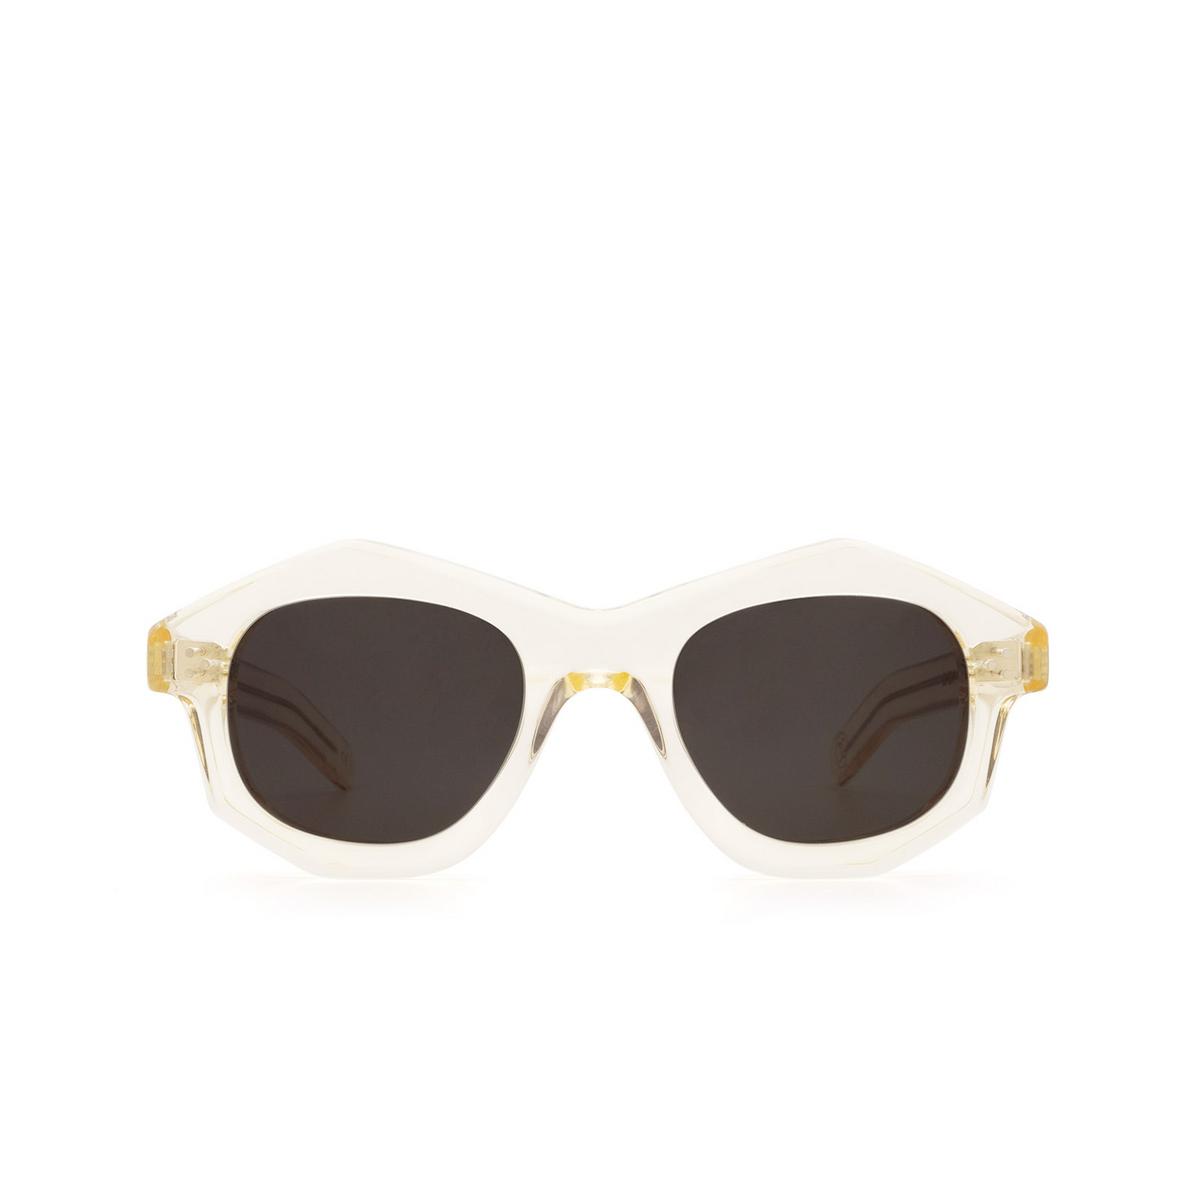 Lesca® Irregular Sunglasses: Dada Sun color Champagne 186 - front view.